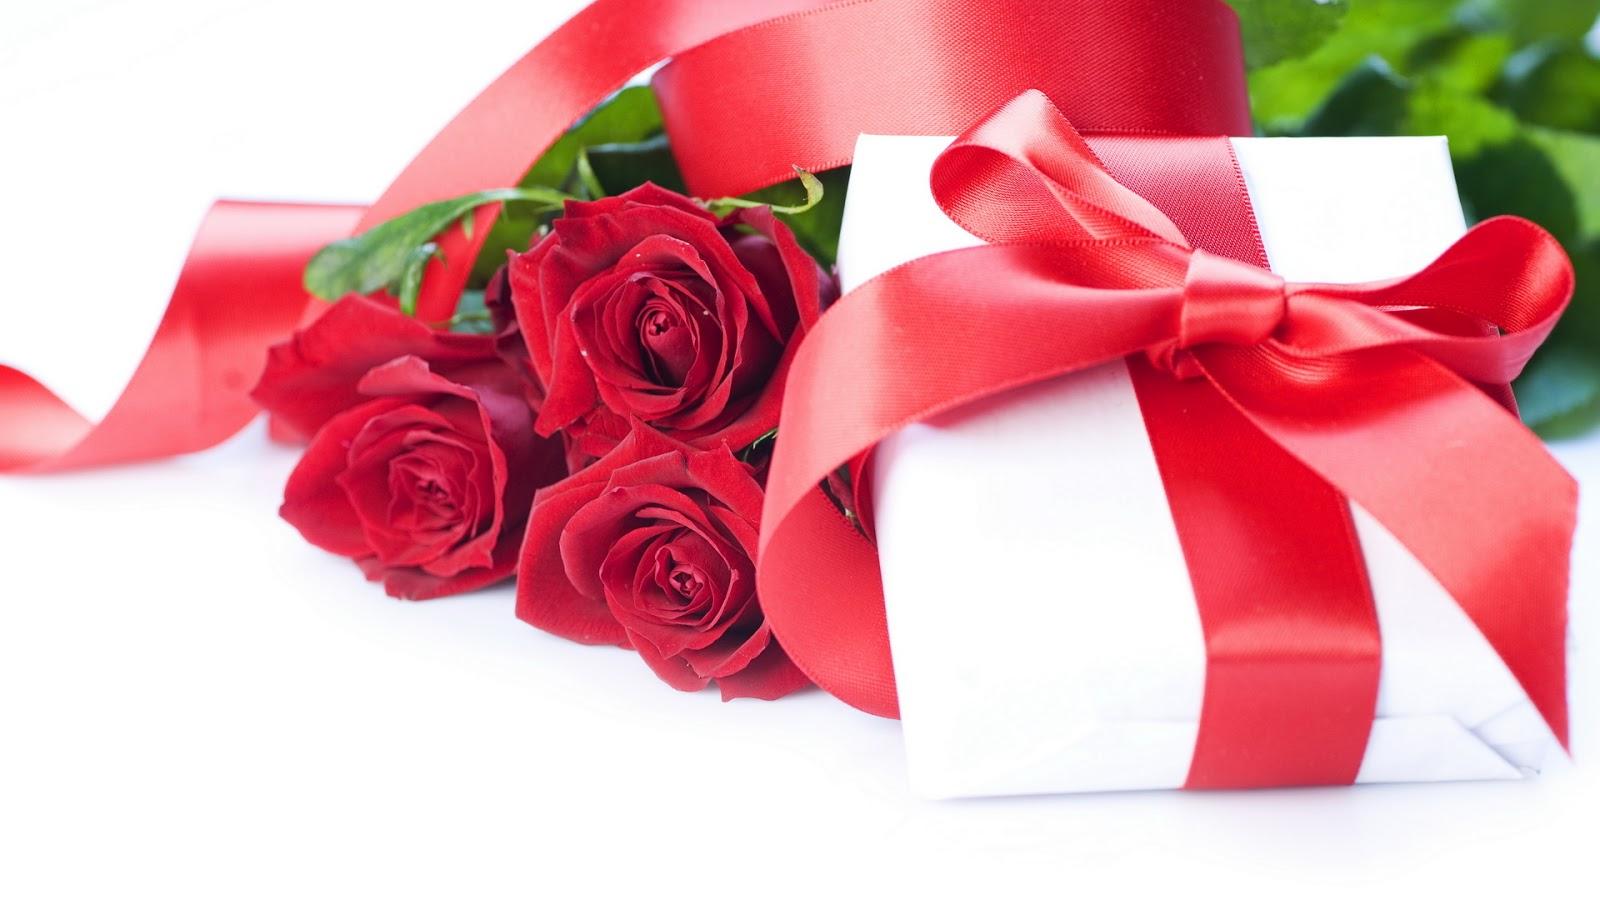 Solo Fondos De Pantalla San Valentin: Fondo De Pantalla Dia De San Valentin Rosas Con Regalo